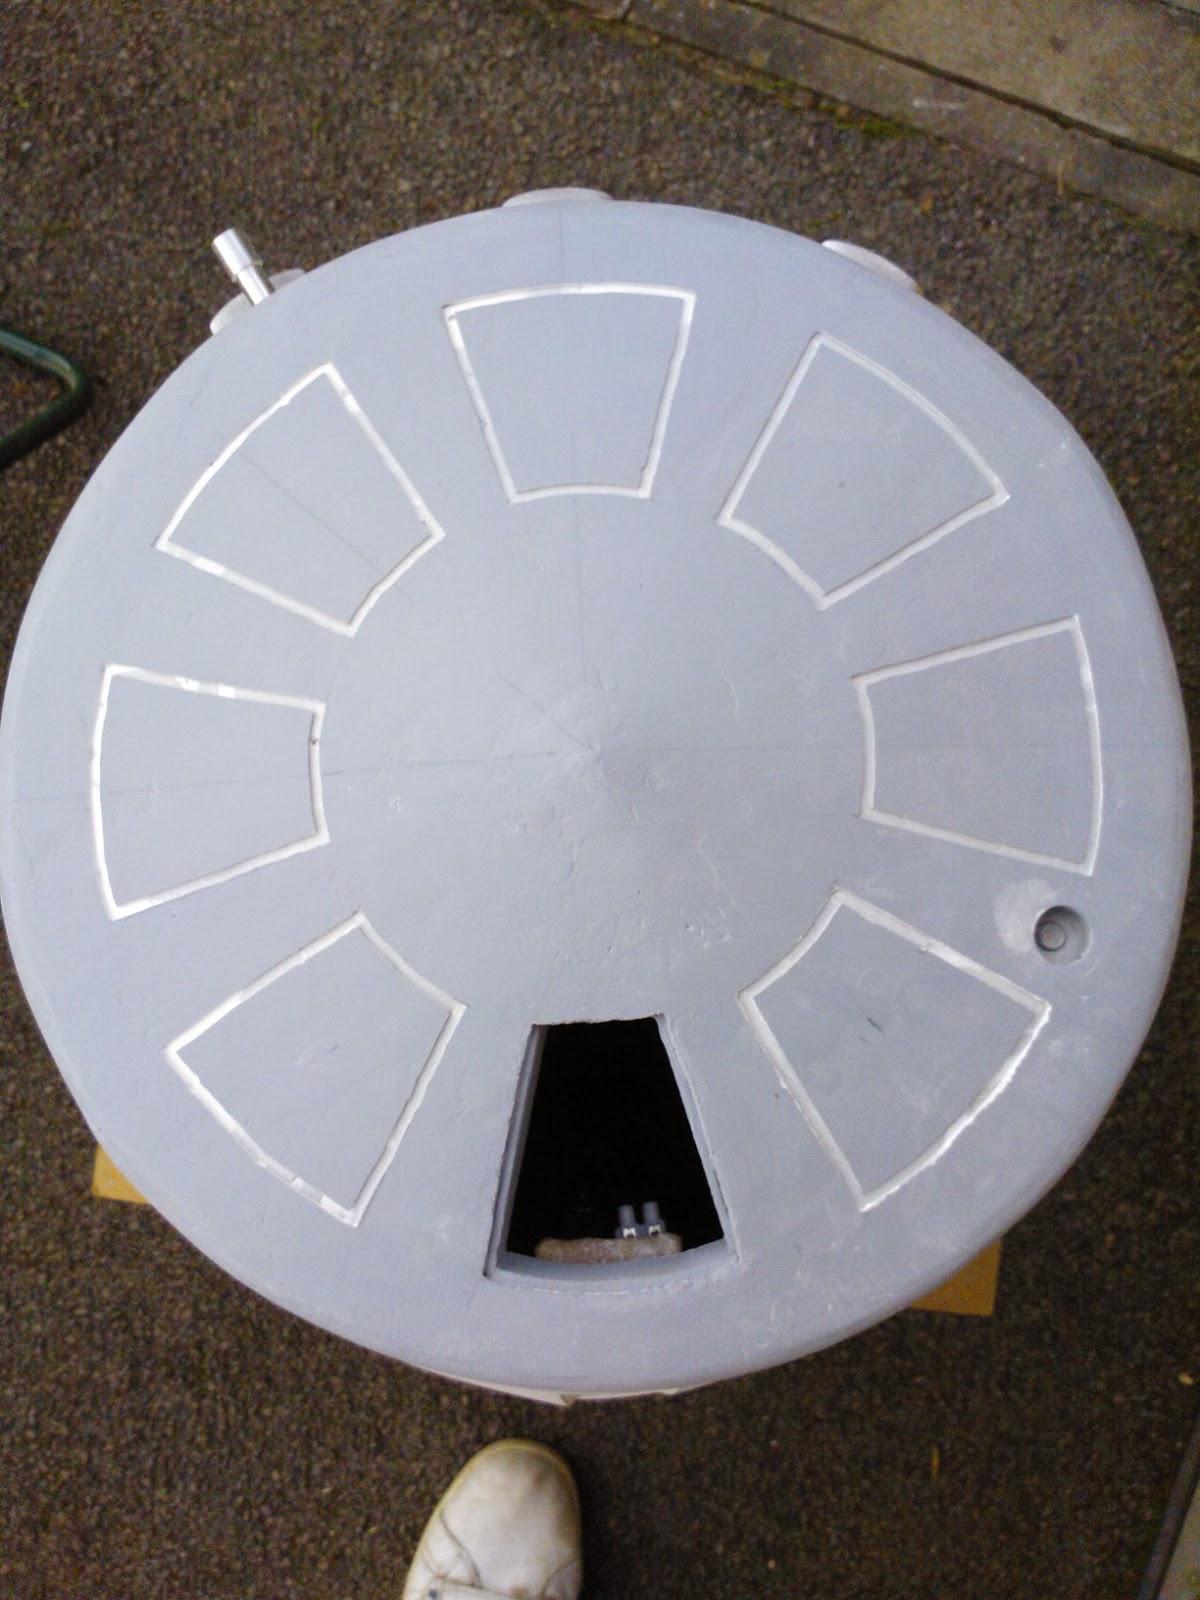 R5-D4 Dome pie panels